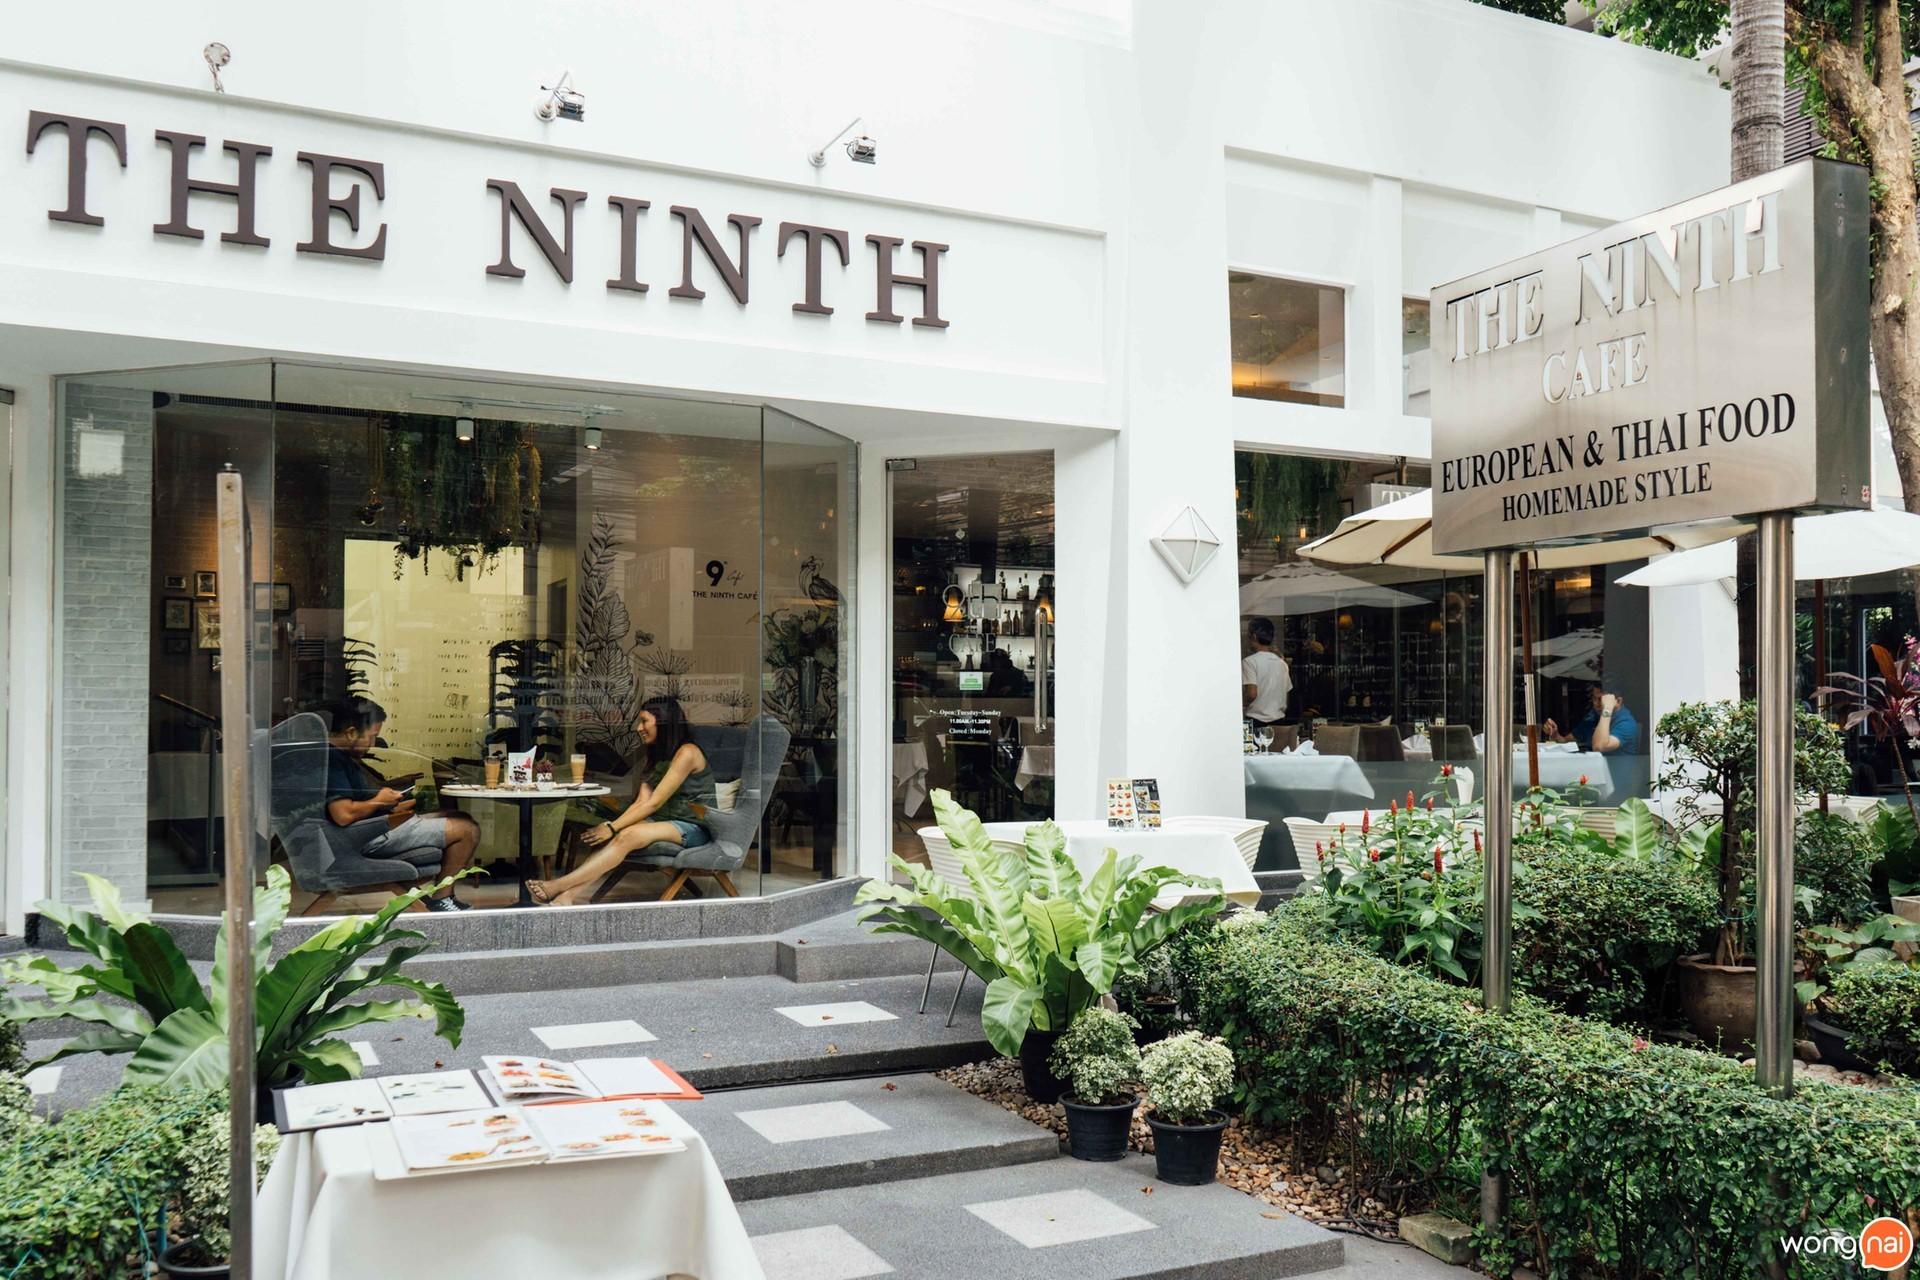 The Ninth Cafe สาขาหลังสวน